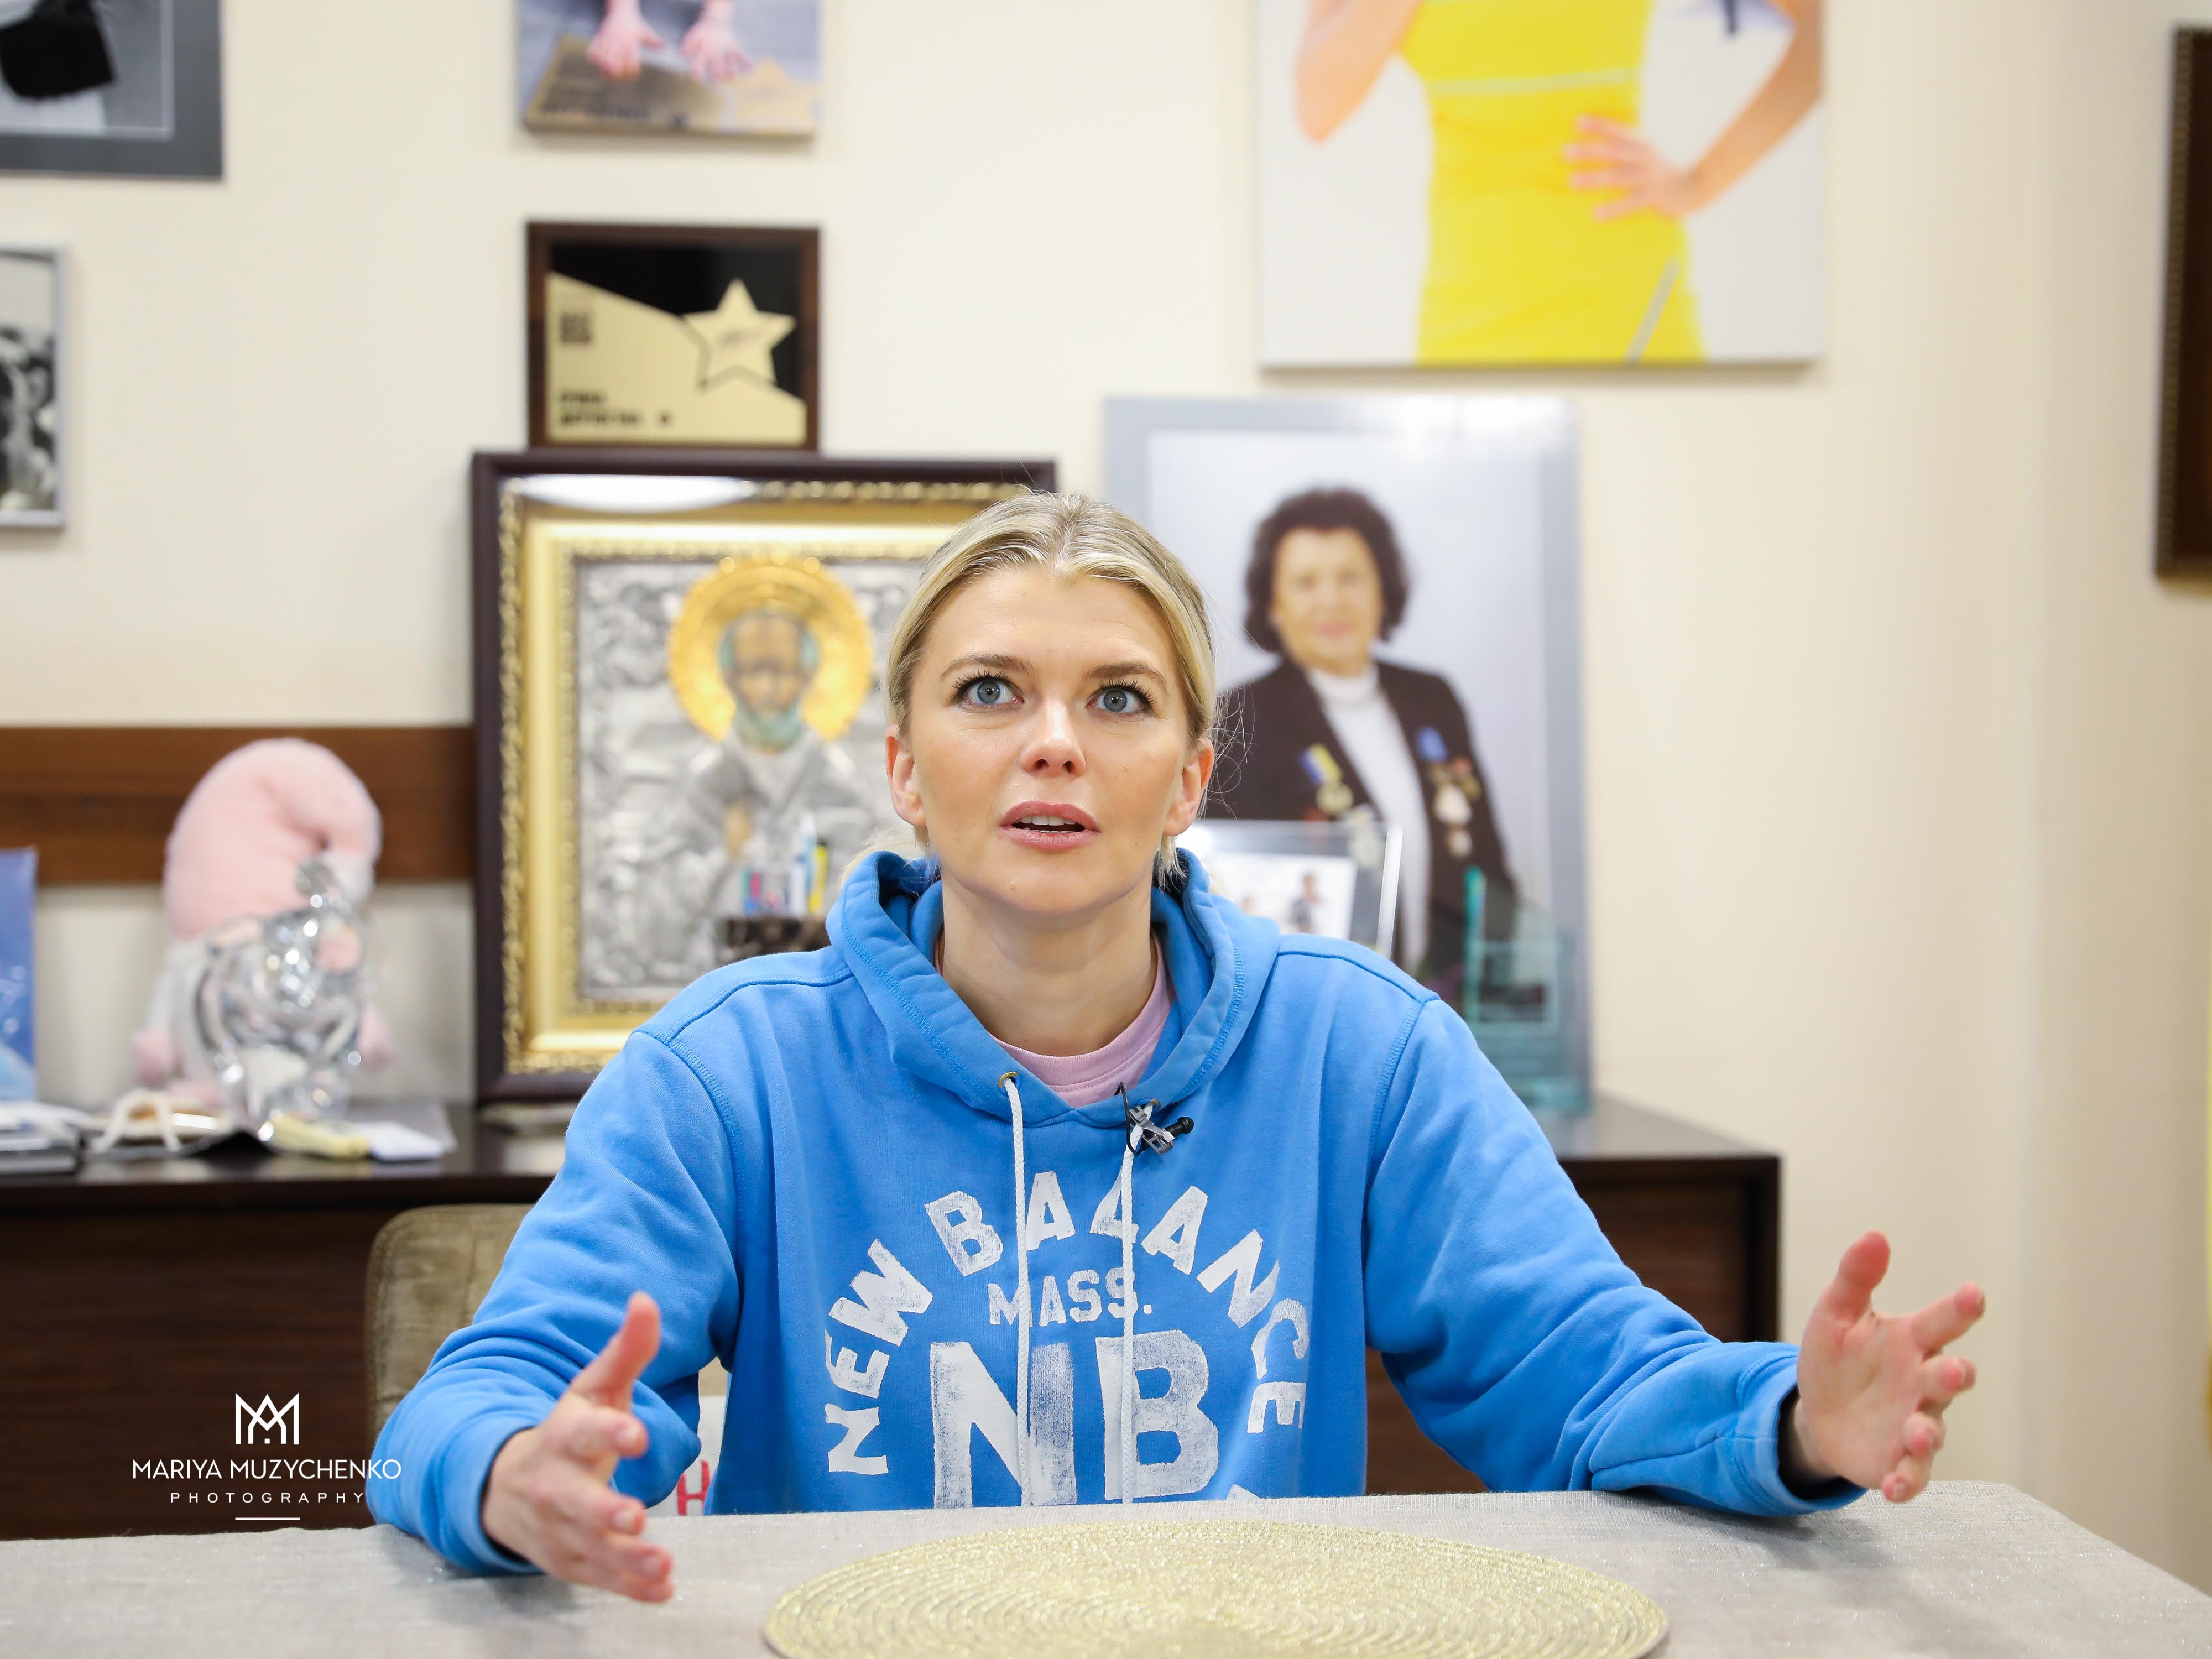 Іріша Блохіна поступово стає головною в Школі Дерюгіних